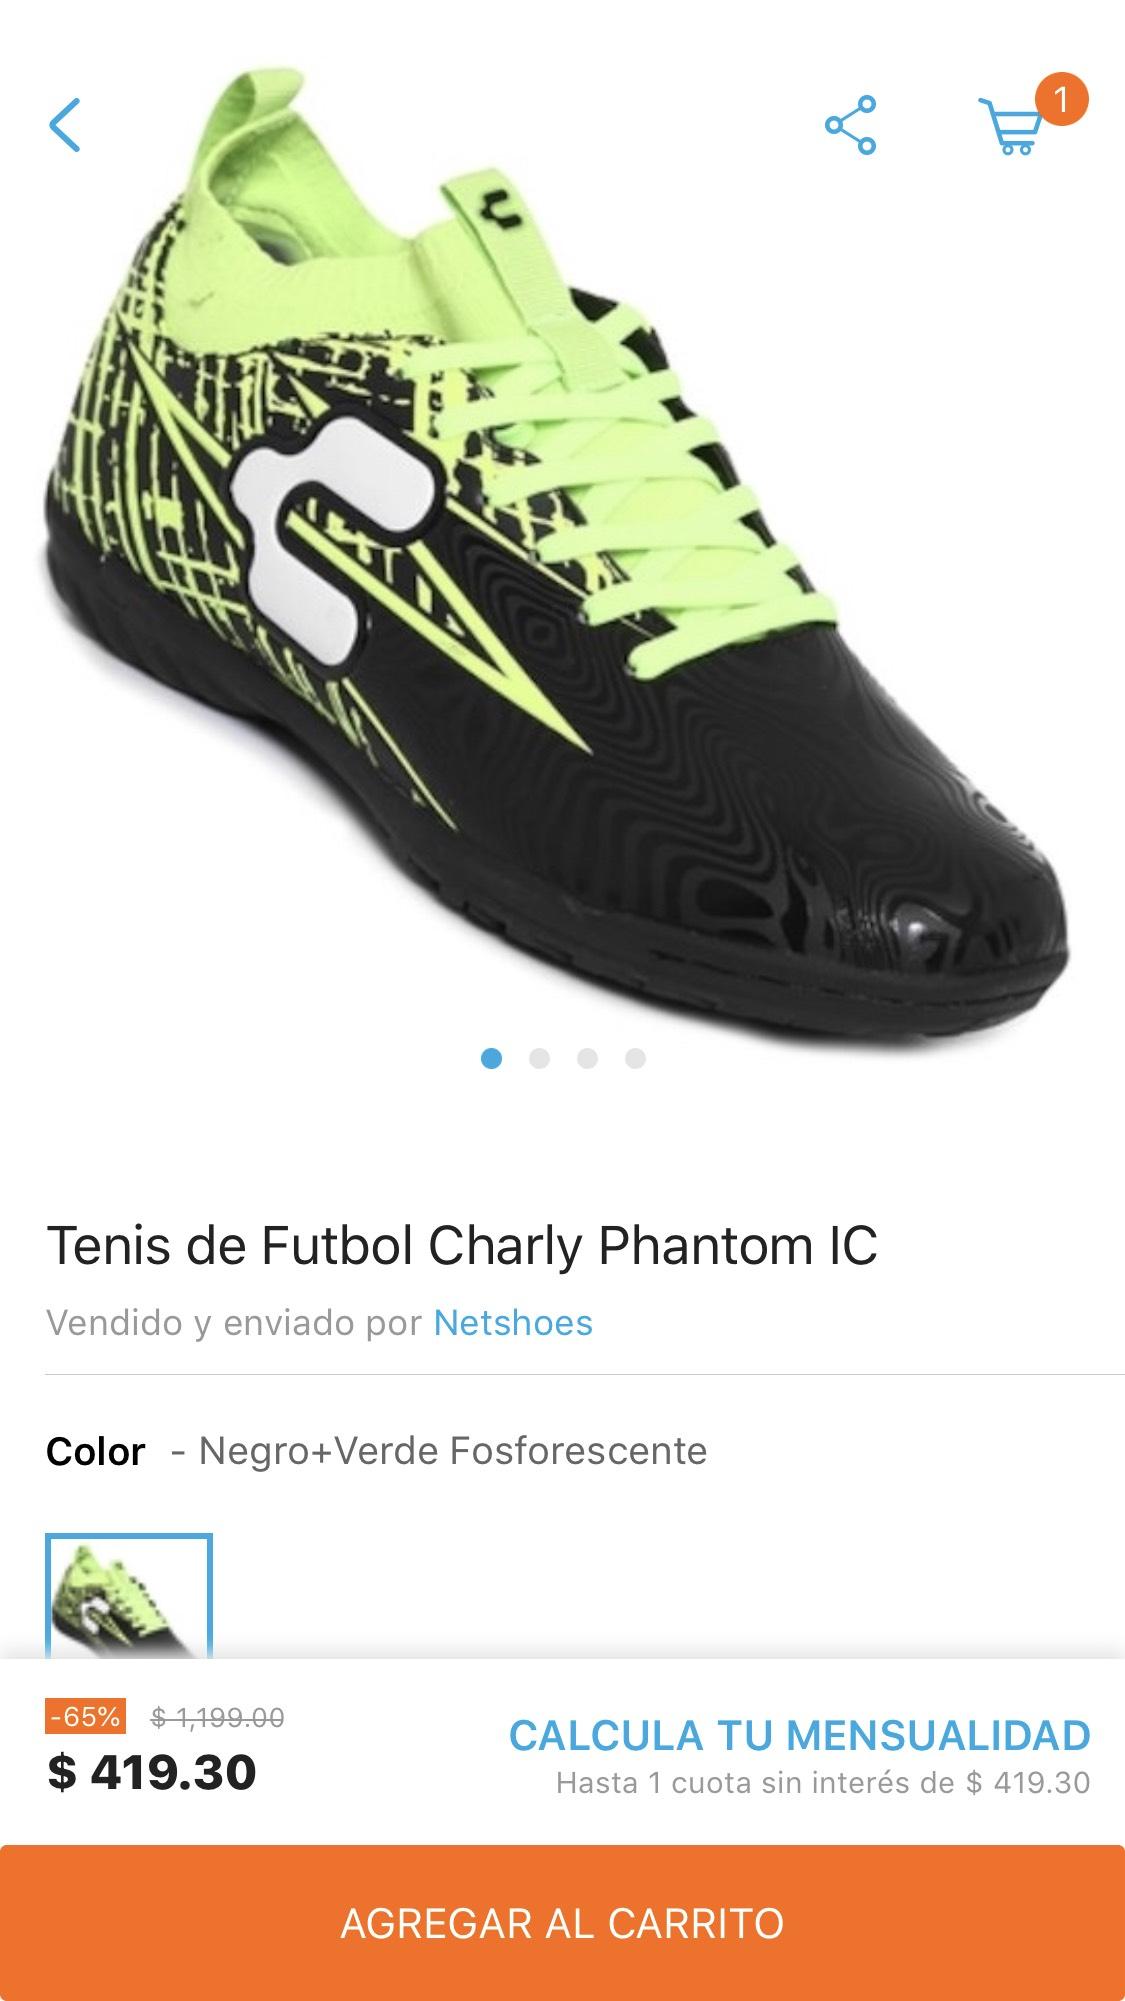 Netshoes: Tenis de Futbol Charly Phantom IC - Negro y Verde Fosforescente